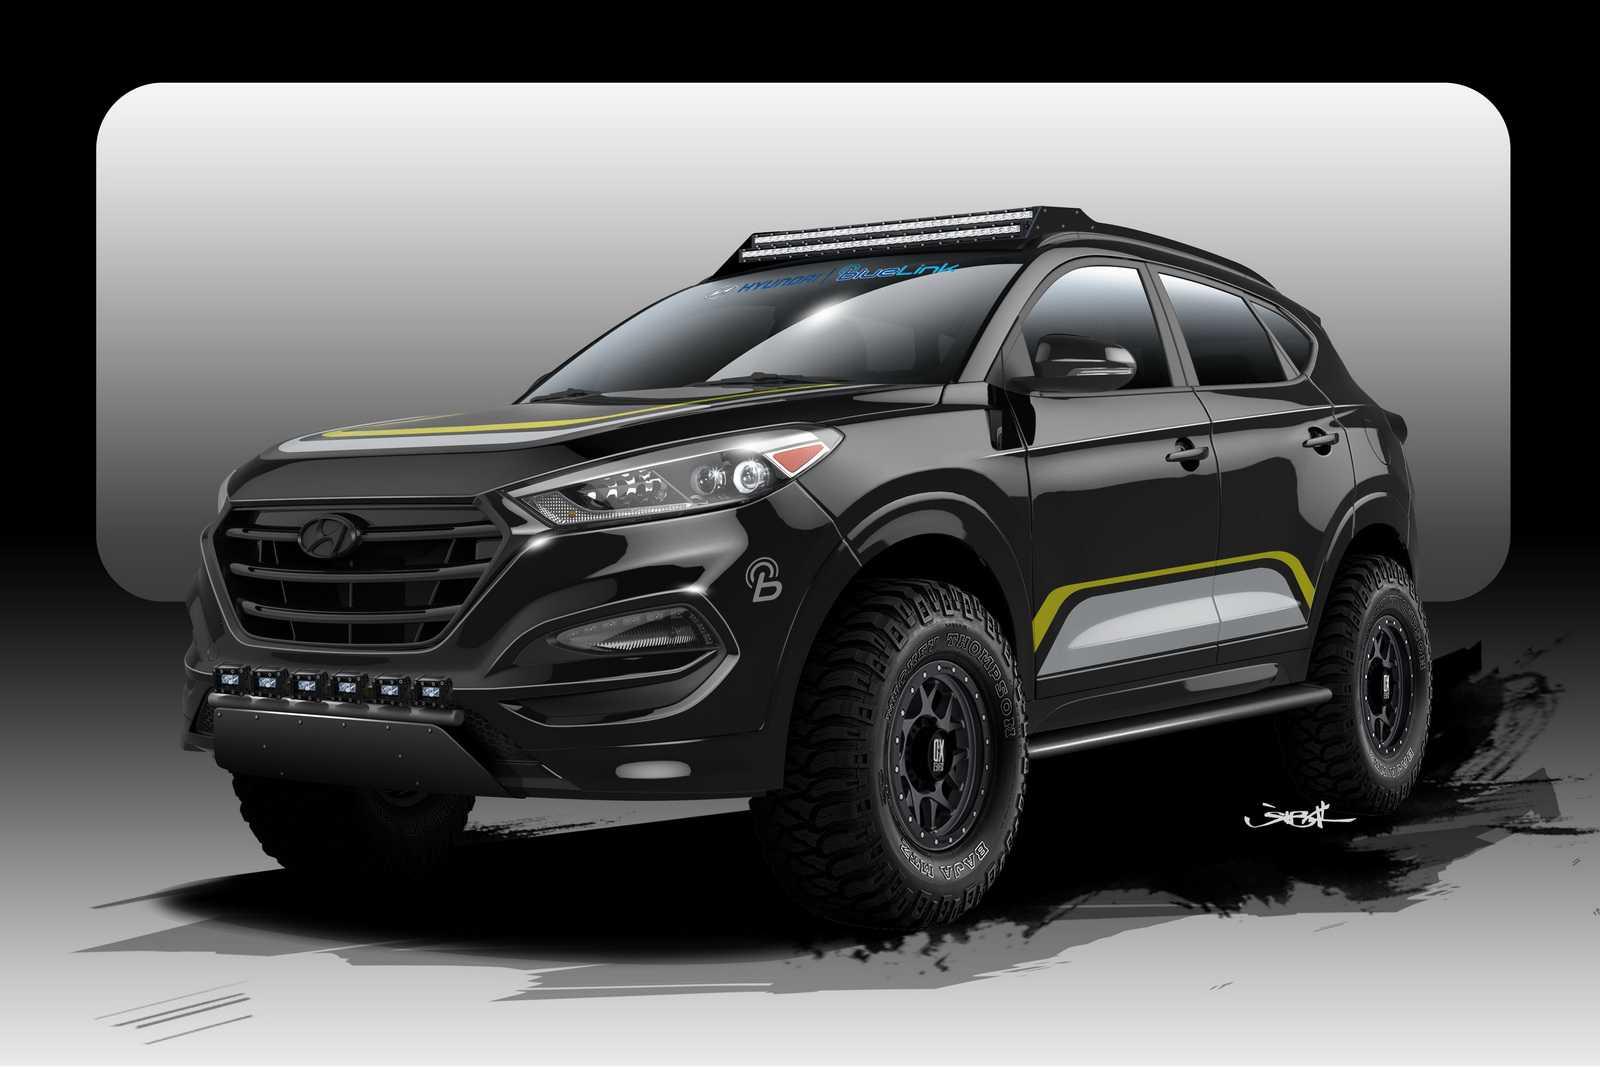 יונדאי טוסון RPG. רכב תצוגה לקראת תערוכת SEMA בחודש הבא. איור: RPG